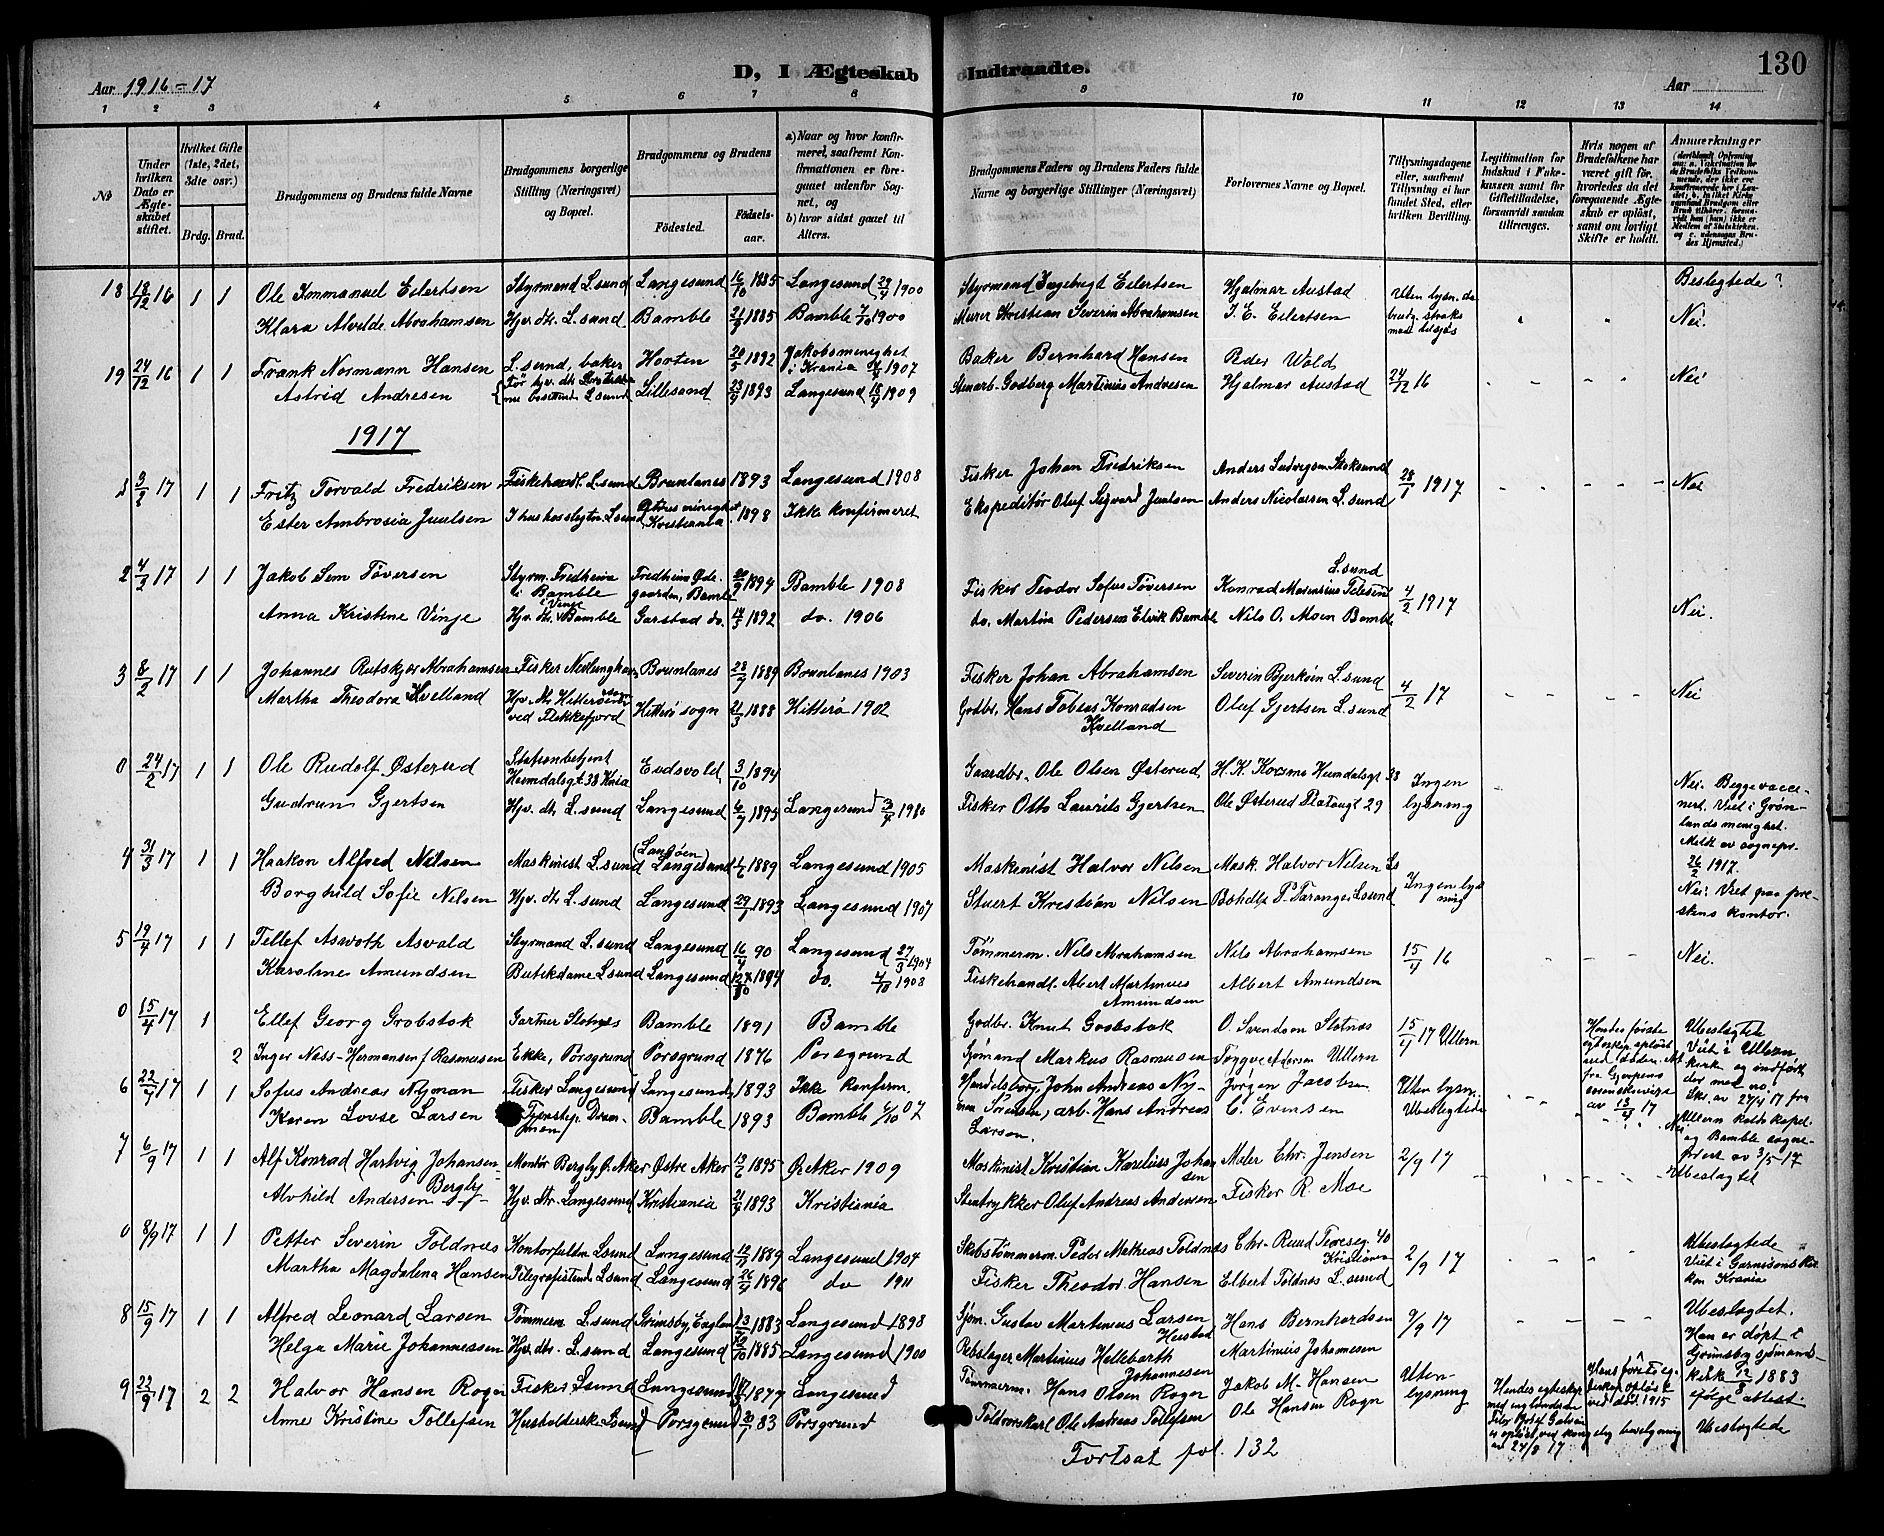 SAKO, Langesund kirkebøker, G/Ga/L0006: Klokkerbok nr. 6, 1899-1918, s. 130